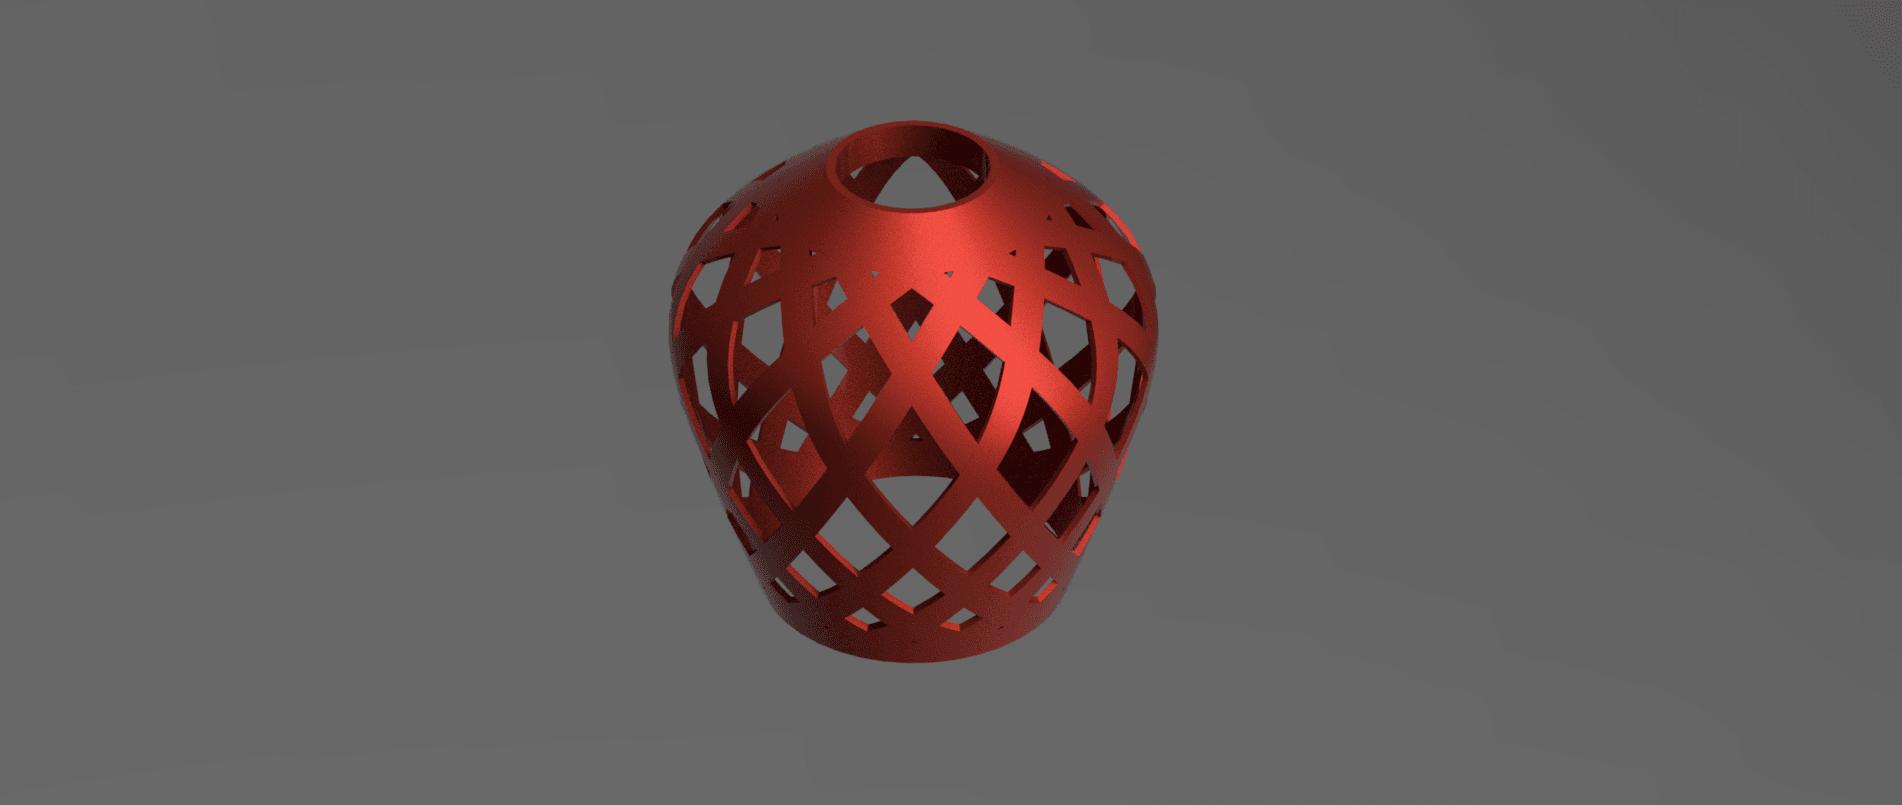 abat jour e27 1 v2.png Download STL file Lamp shade • 3D printable model, motek